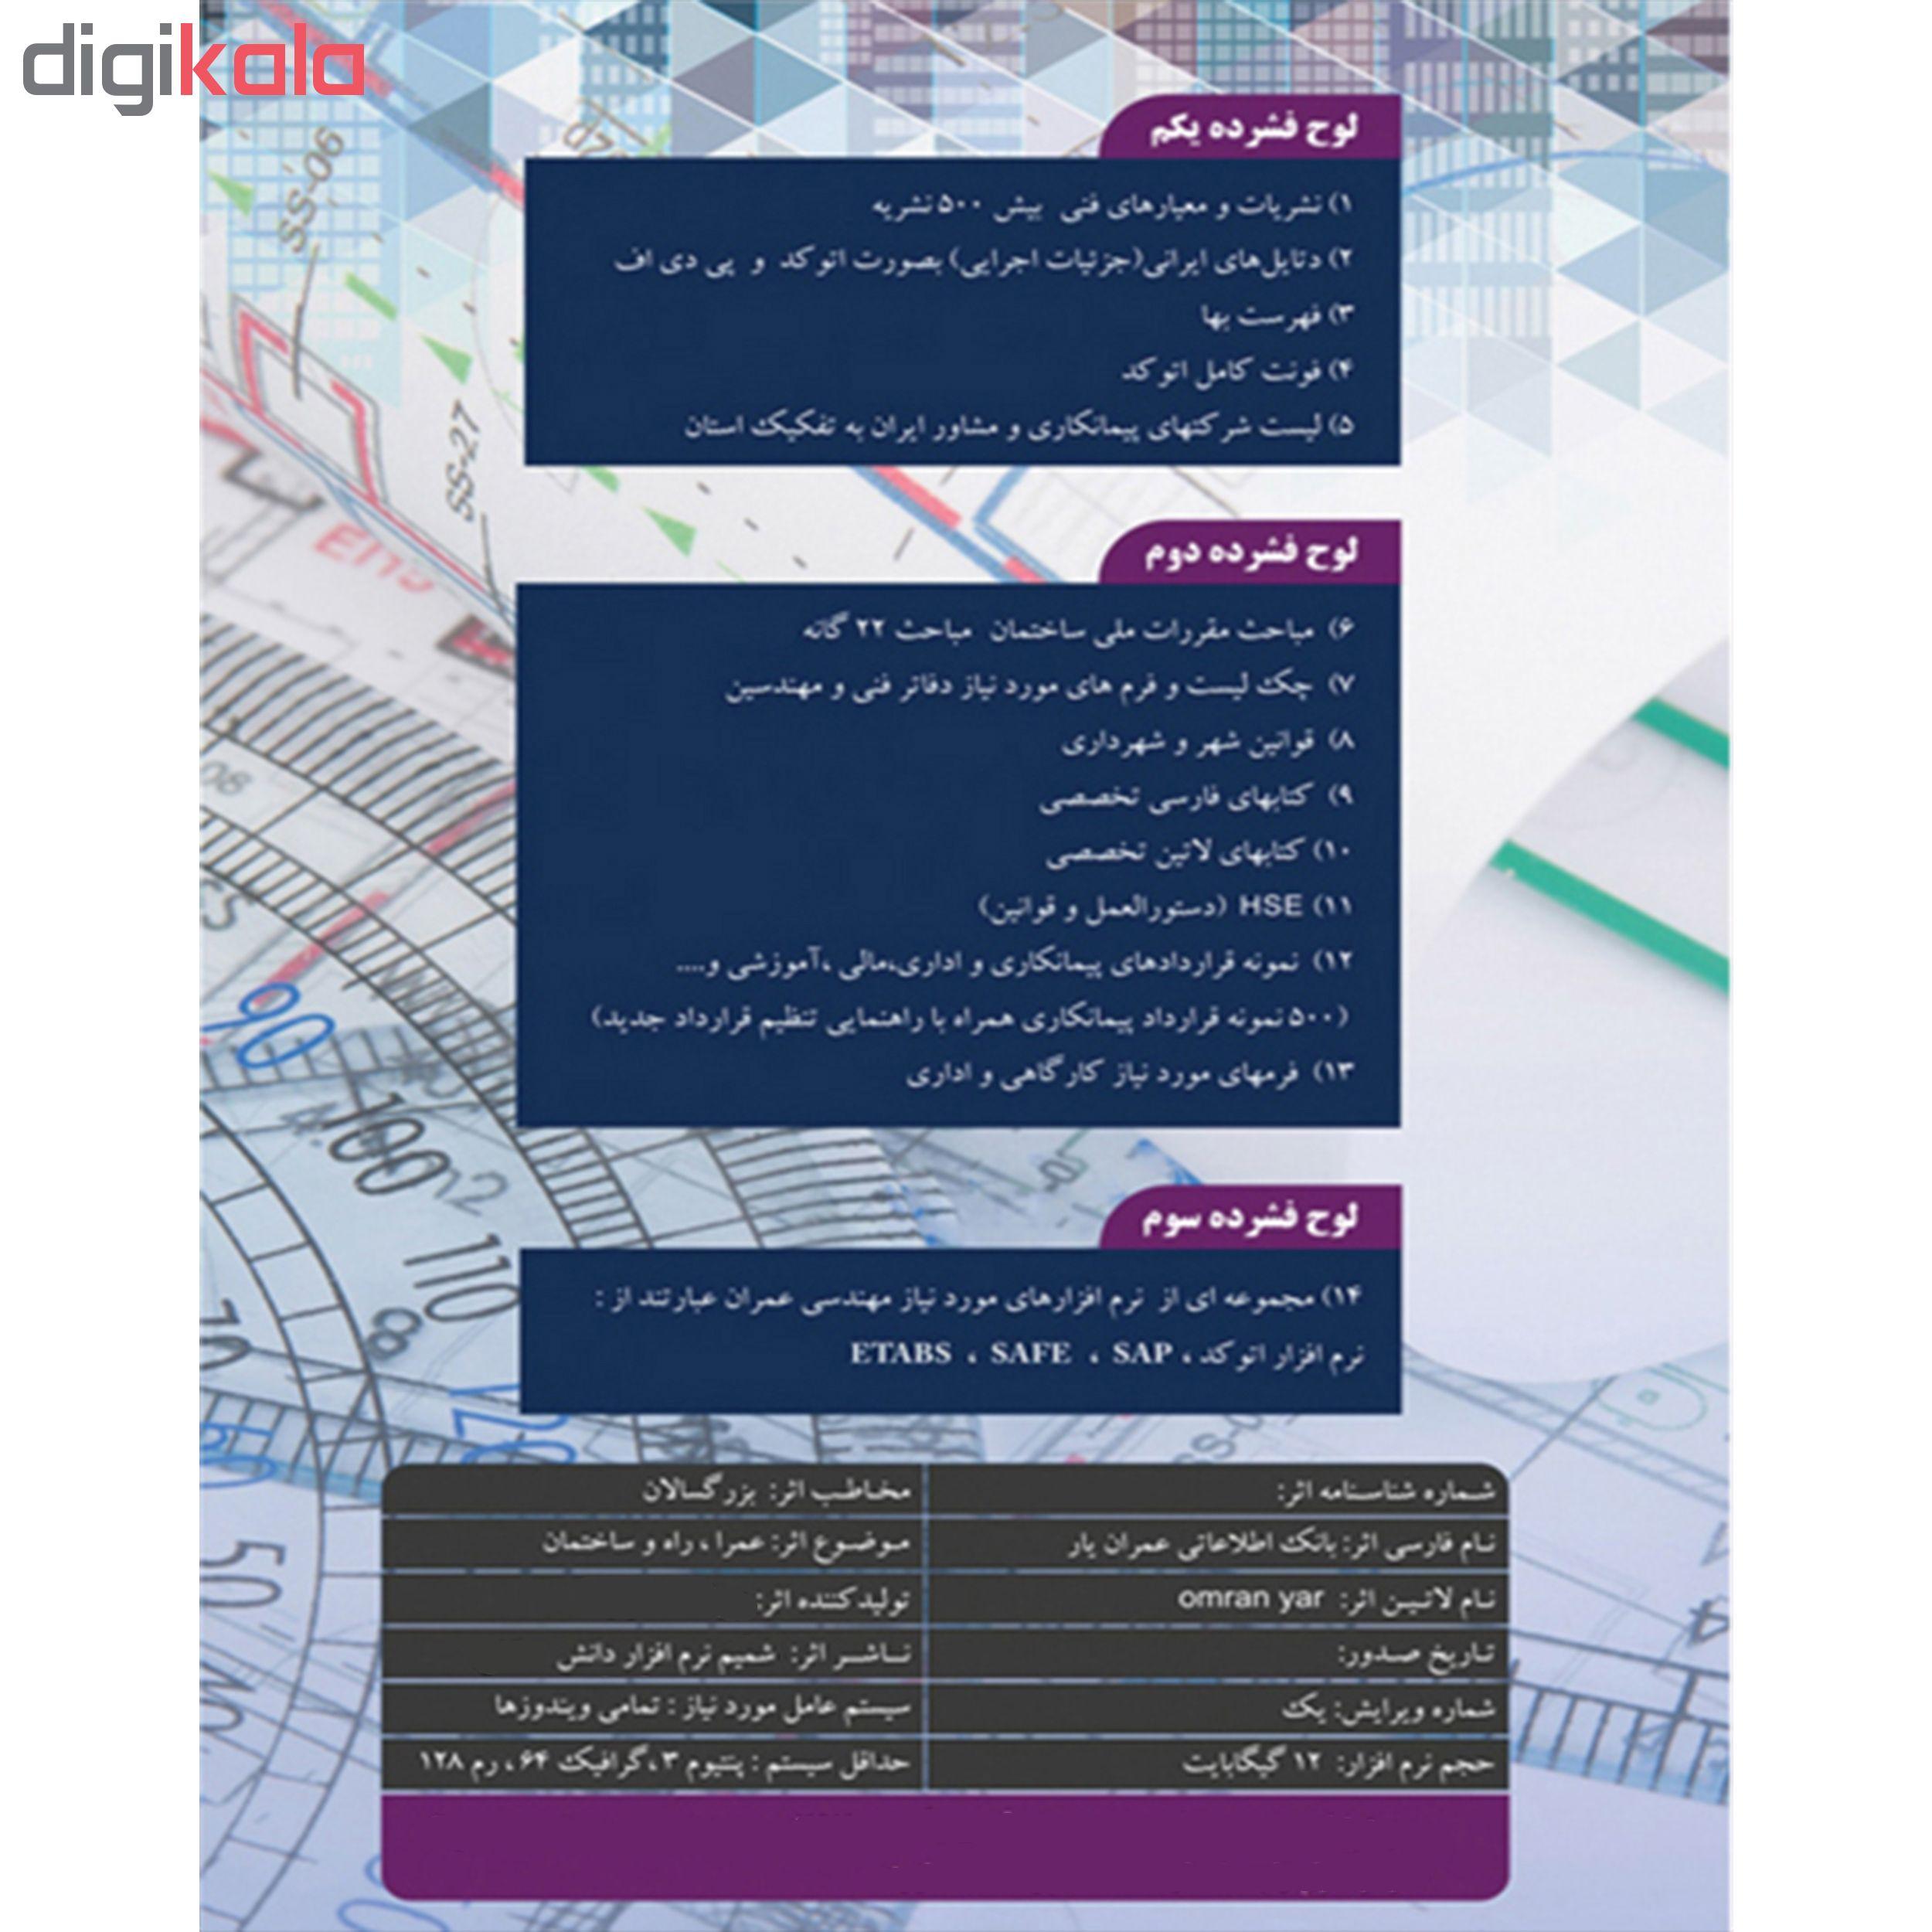 نرم افزار آموزش ETABS نشر پدیده به همراه نرم افزار عمران یار نشر شمیم نرم افزار دانش